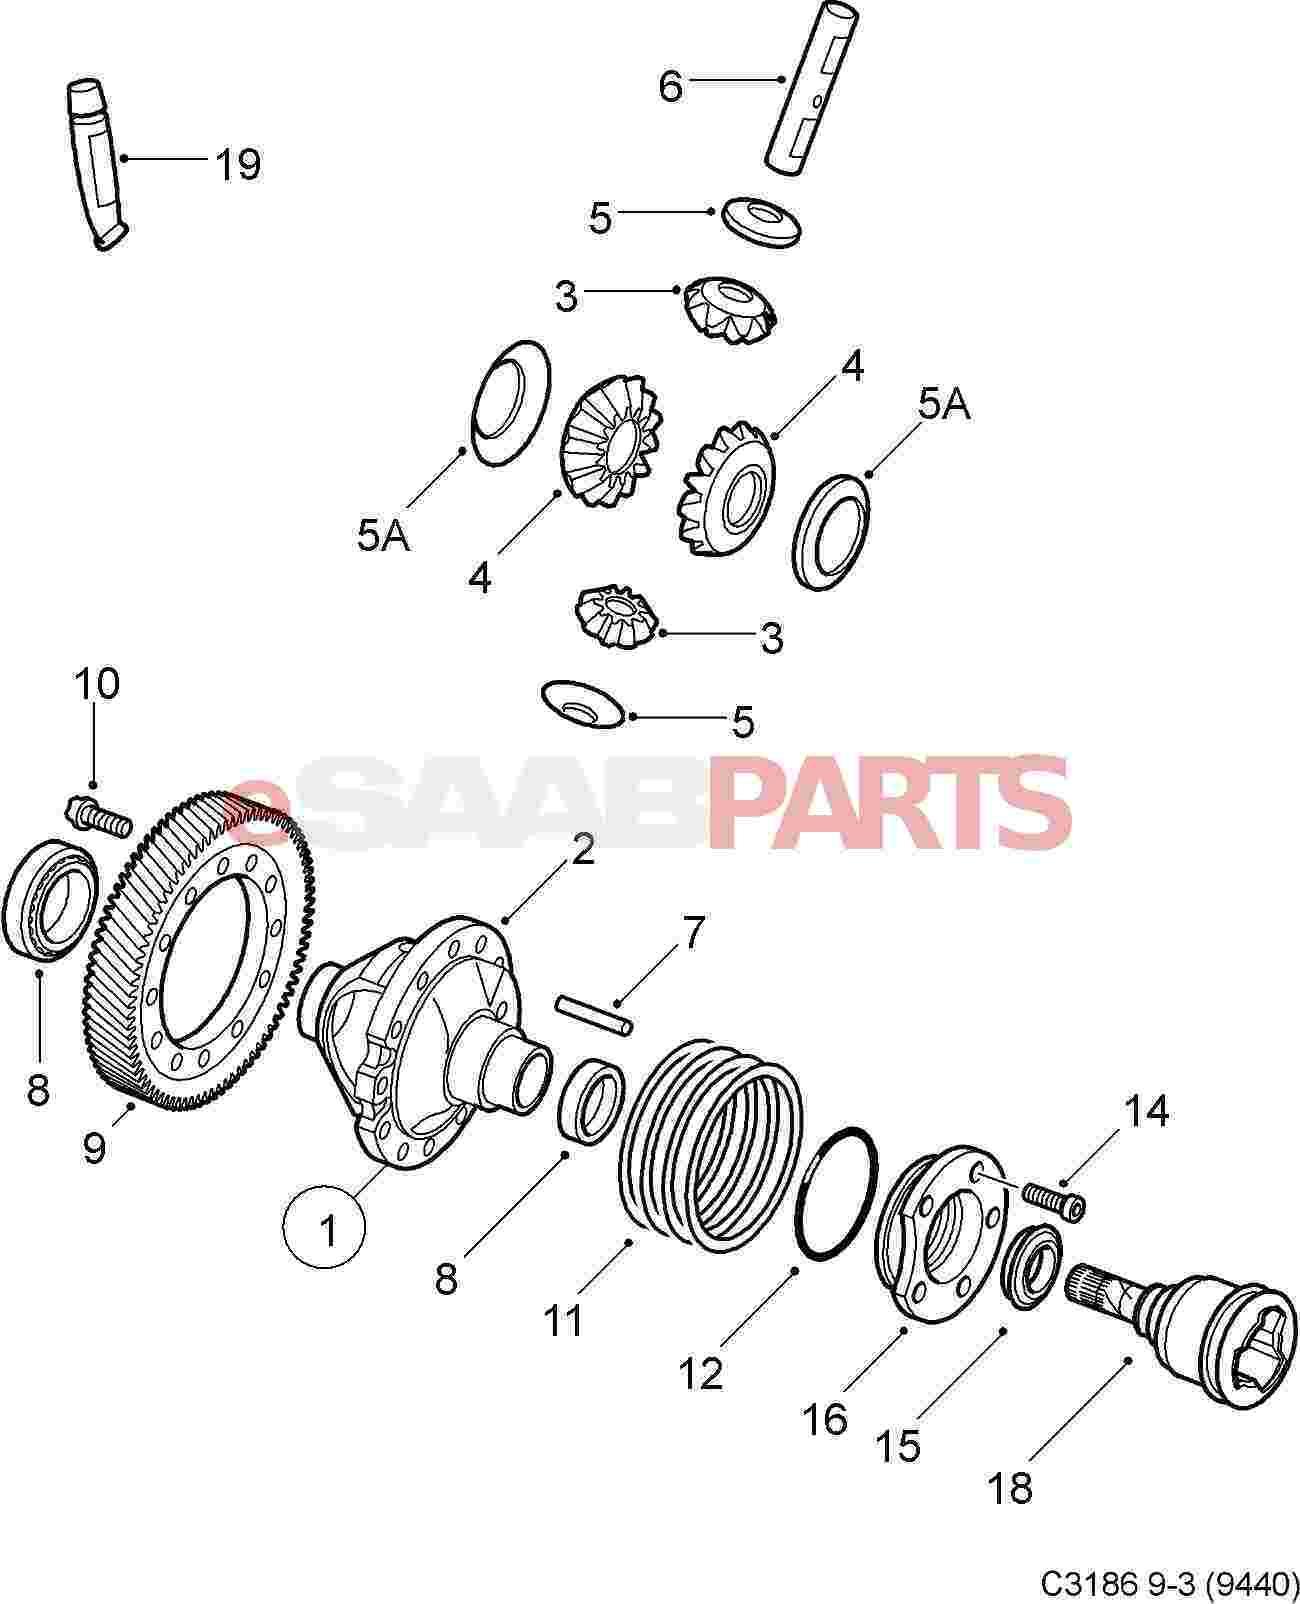 [12755013] SAAB Axle Seal (Manual Transmission 6-Speed